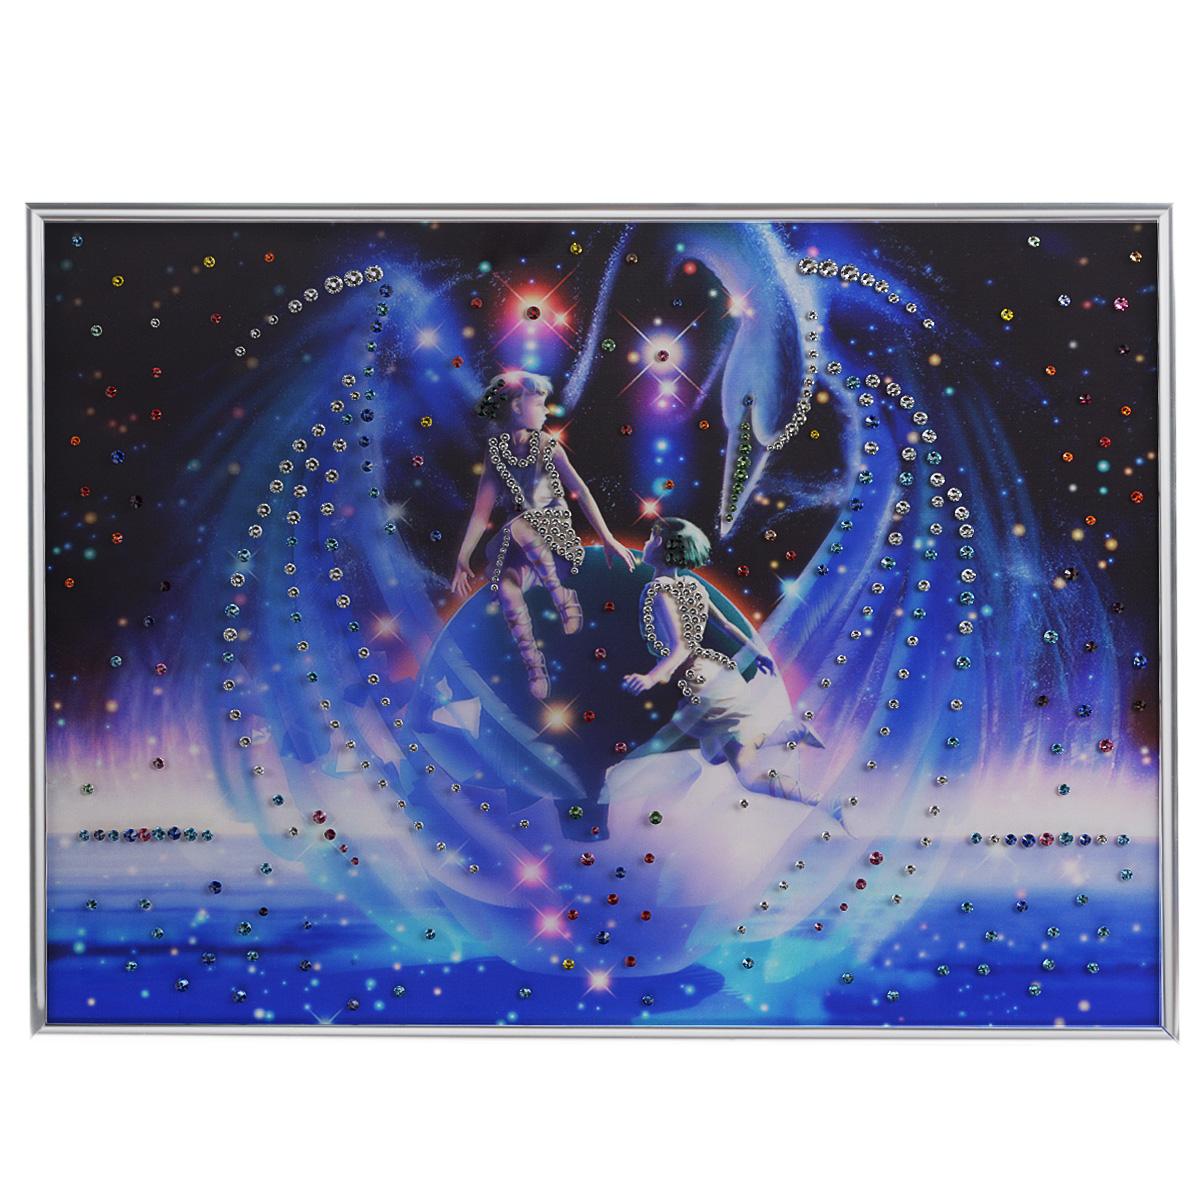 Картина с кристаллами Swarovski Знак зодиака. Близнецы Кагая, 40 см х 60 см97678Изящная картина в металлической раме, инкрустирована кристаллами Swarovski, которые отличаются четкой и ровной огранкой, ярким блеском и чистотой цвета. Красочное изображение знака зодиака - близнецы Кагая, расположенное на внутренней стороне стекла, прекрасно дополняет блеск кристаллов. С обратной стороны имеется металлическая петелька для размещения картины на стене.Картина с кристаллами Swarovski Знак зодиака. Близнецы Кагая элегантно украсит интерьер дома или офиса, а также станет прекрасным подарком, который обязательно понравится получателю. Блеск кристаллов в интерьере, что может быть сказочнее и удивительнее. Картина упакована в подарочную картонную коробку синего цвета и комплектуется сертификатом соответствия Swarovski.